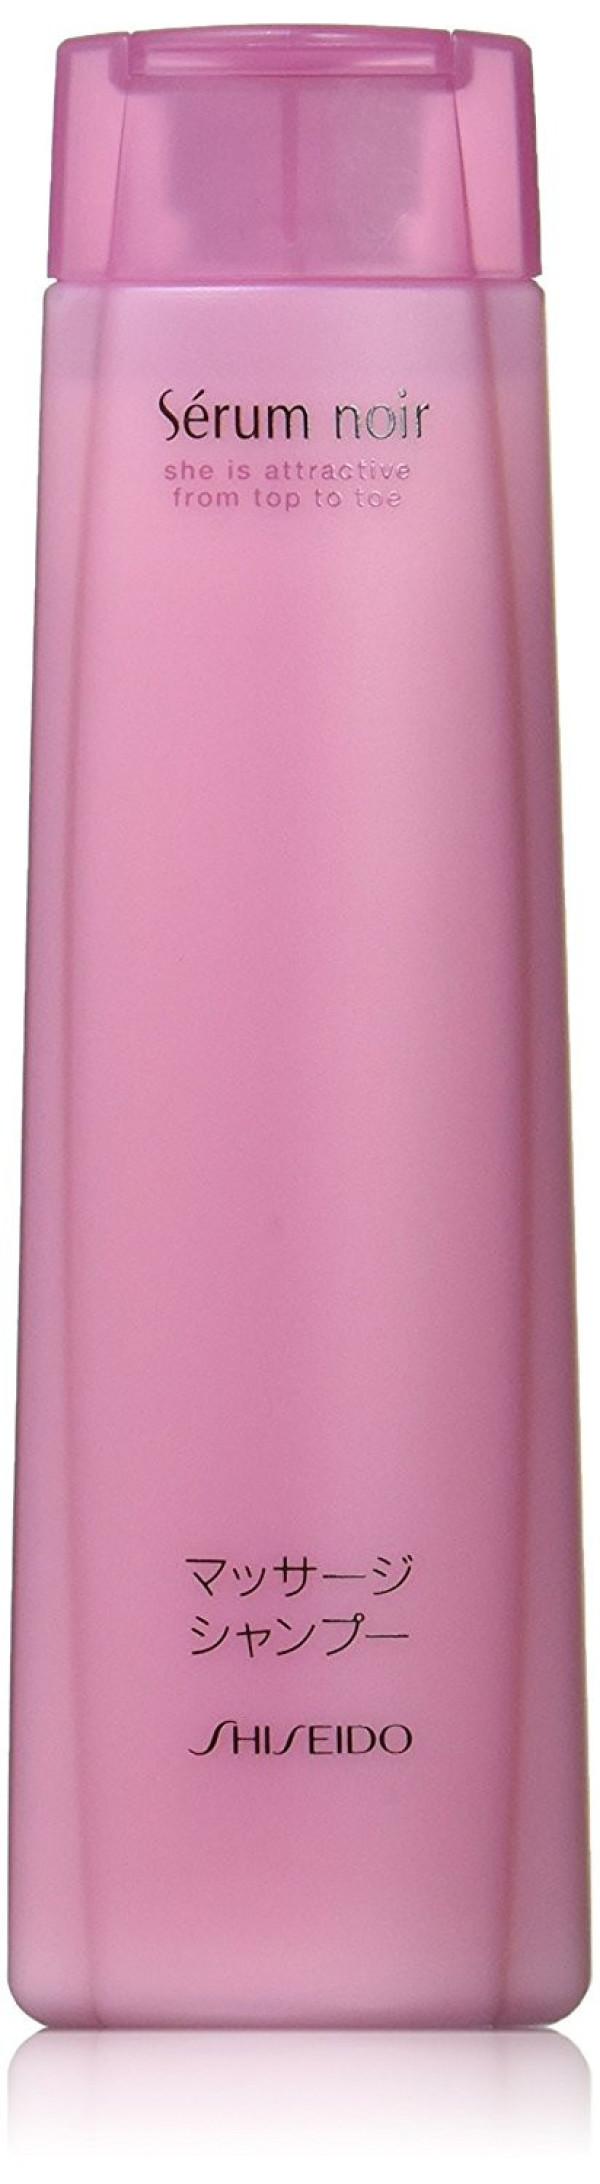 Шампунь для укрепления волос Shiseido Serum Noir